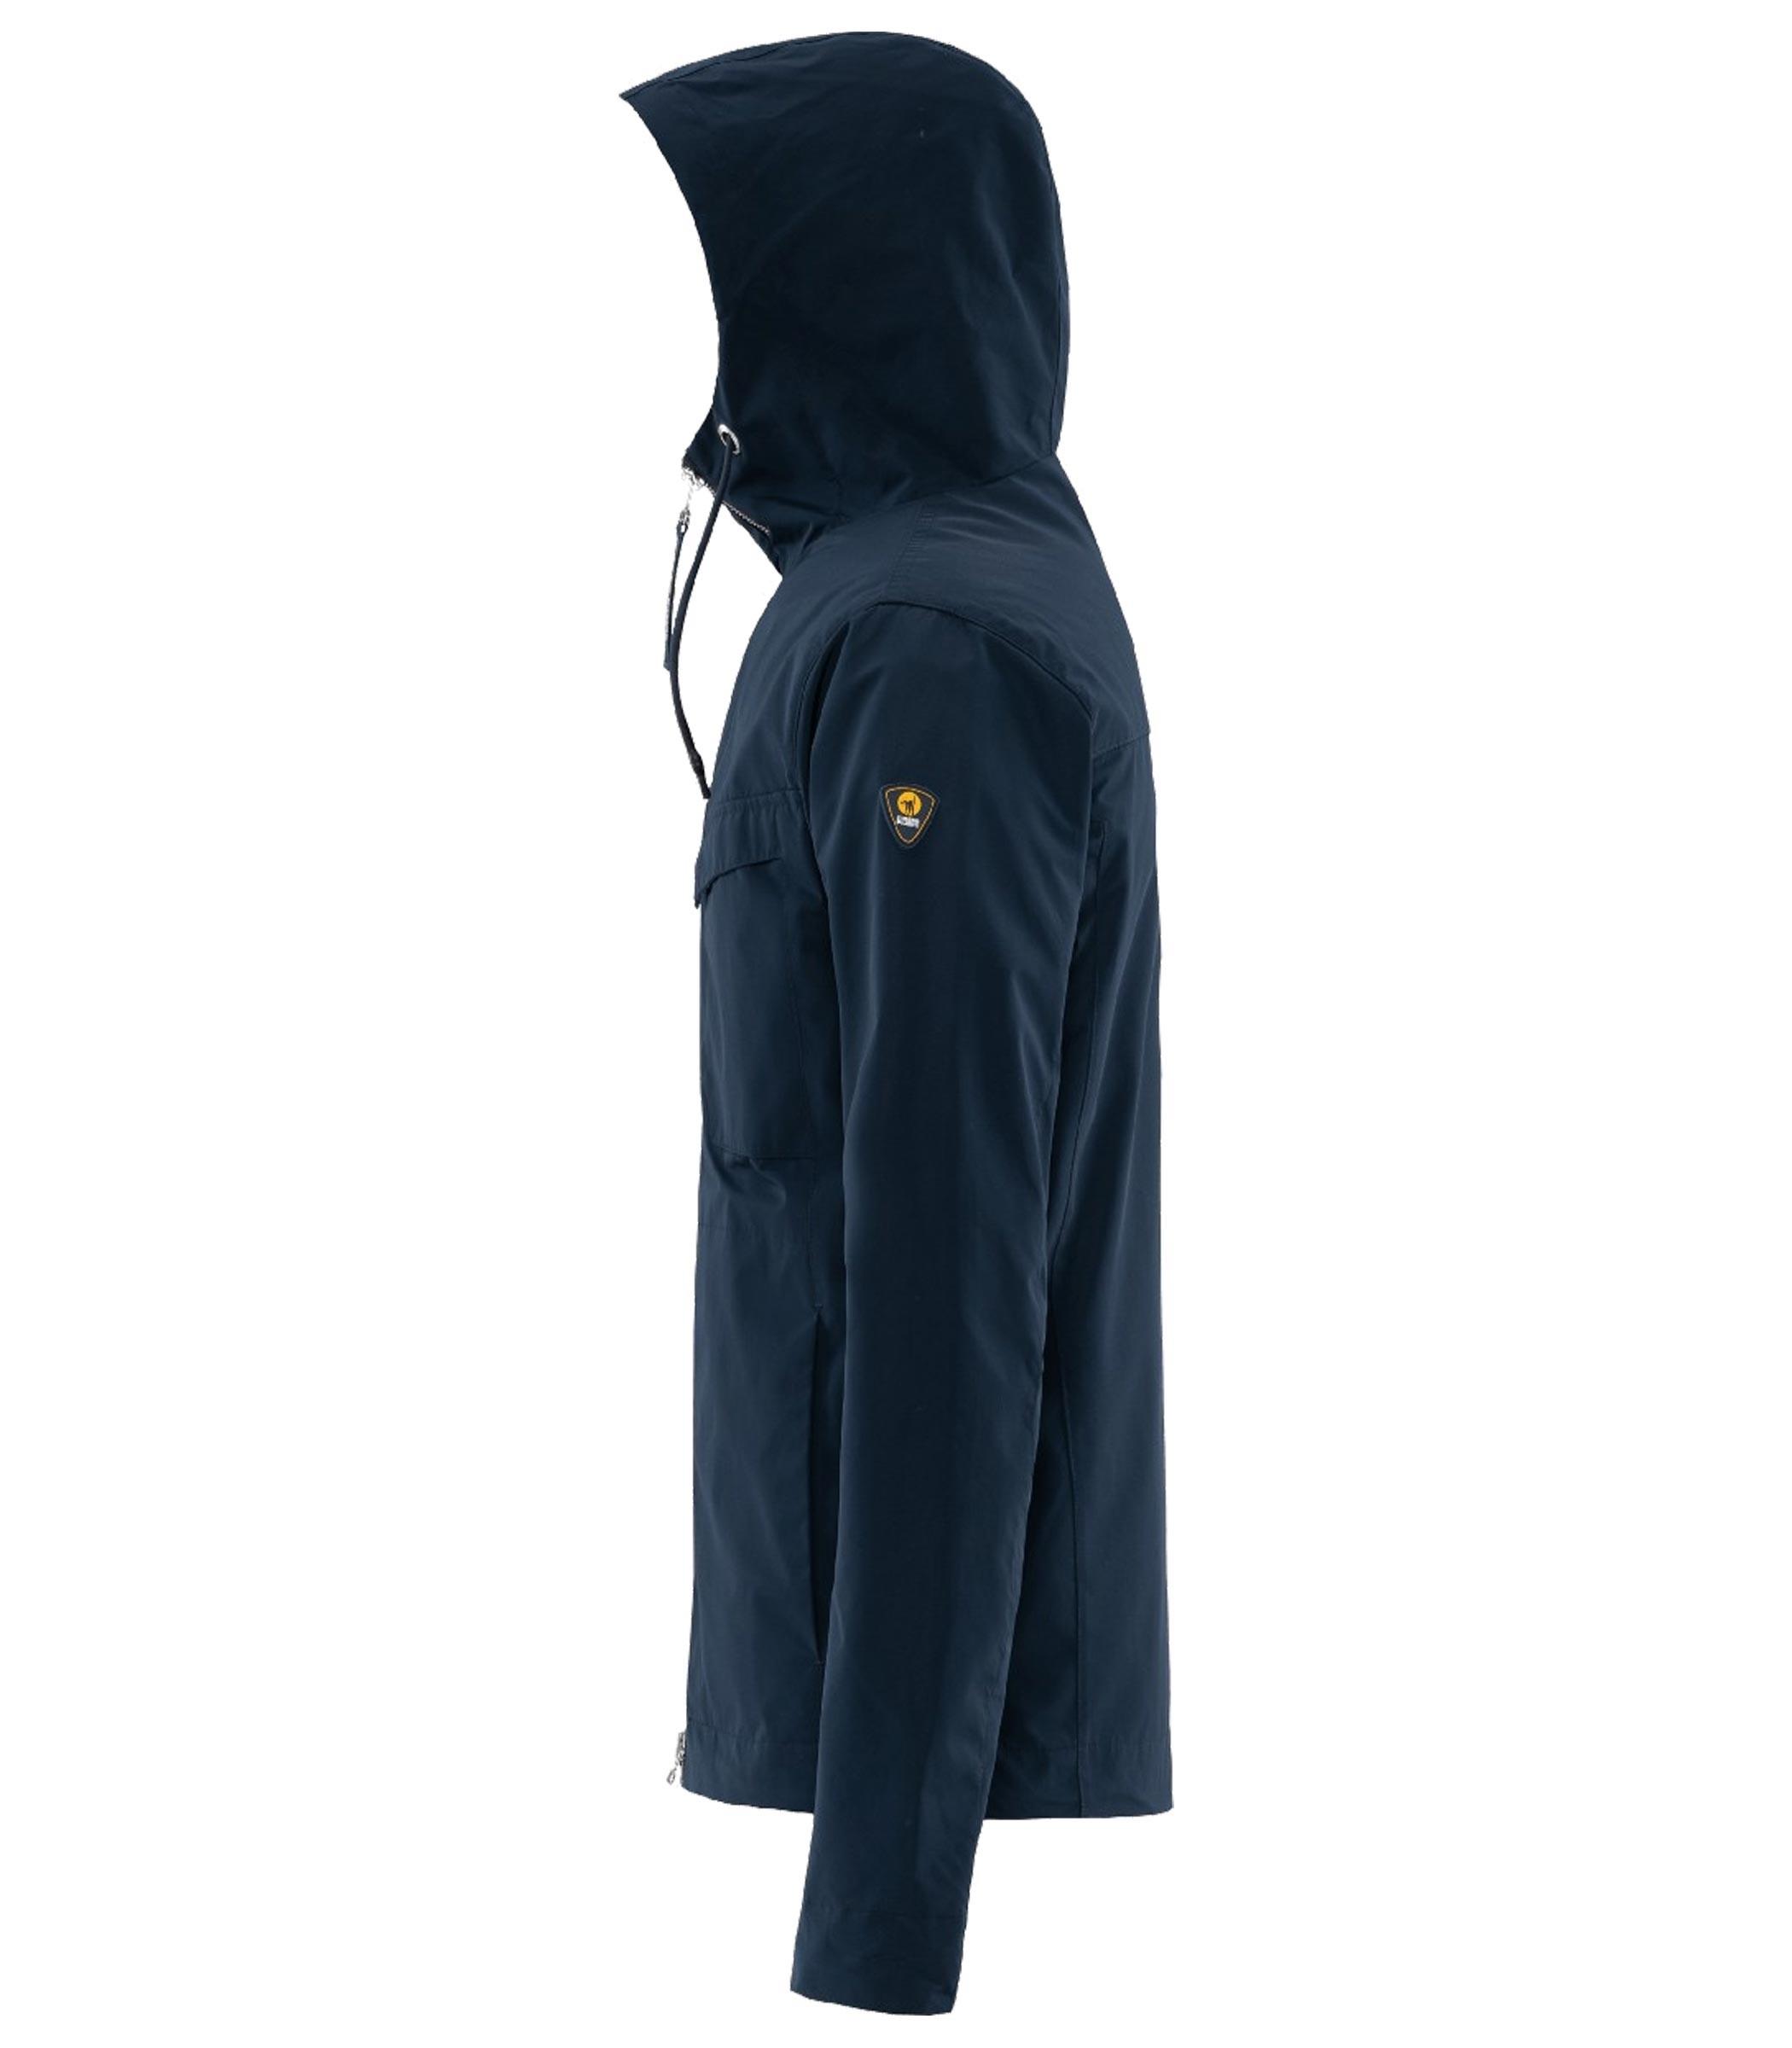 online store 94a08 a3174 Giacca giubbotto CIESSE PIUMINI con cappuccio blu da uomo ...